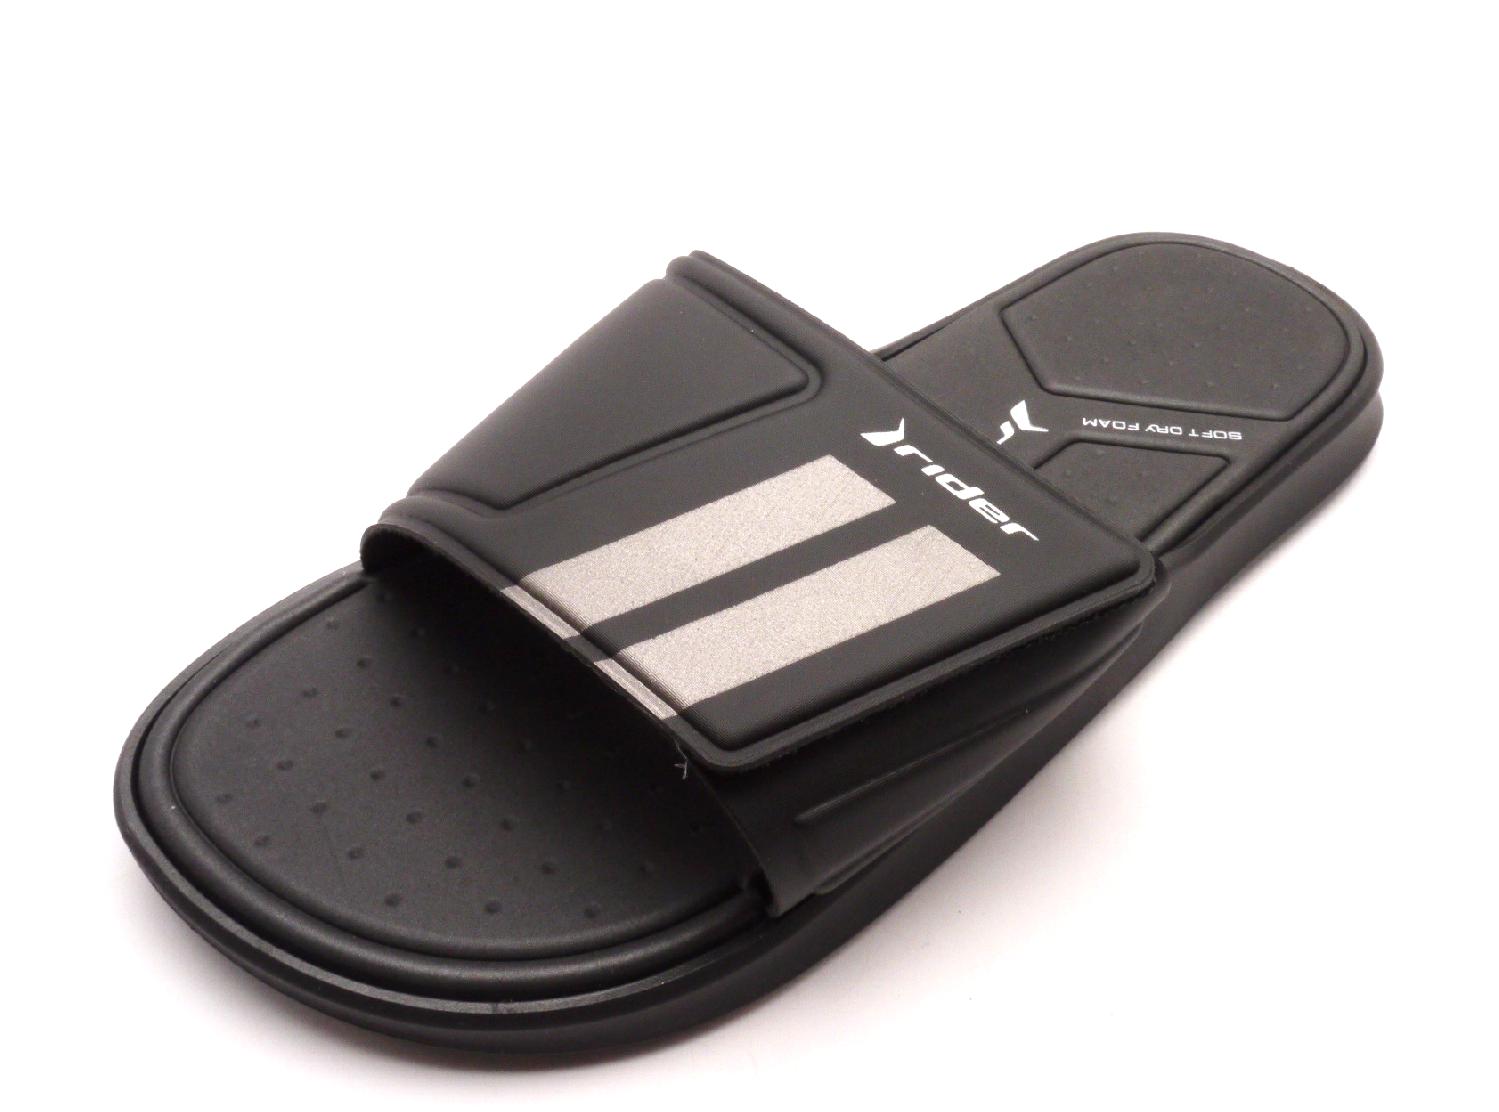 Pánské pantofle Rider 81956 Velikost: 39-40